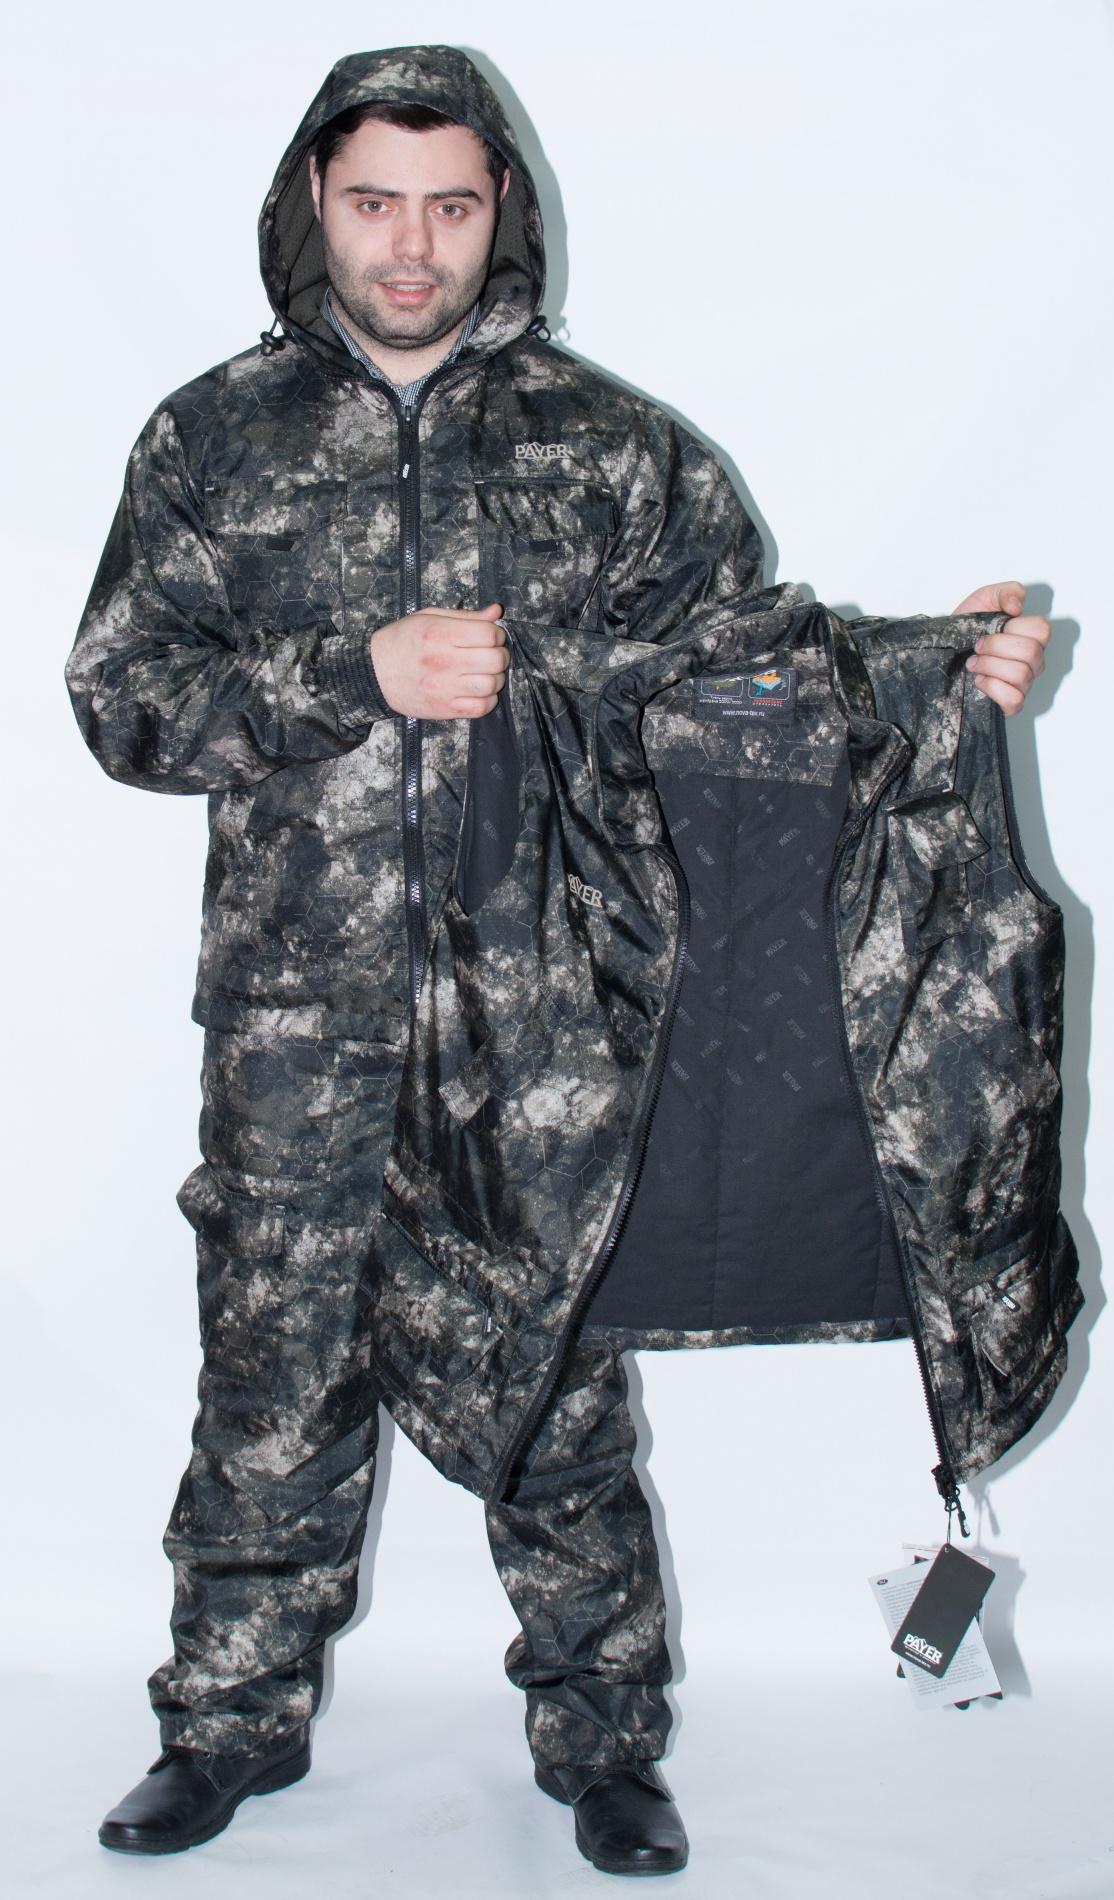 Костюм мужской Вектор (Дуплекс, вектор) Костюмы утепленные<br>Костюм «Вектор» относится к весене-осенней <br>коллекции (ТМ «PAYER») от Novatex. Представляет <br>собой дальнейшее развитие популярной модели <br>«Войкар». Костюм состоит из куртки, брюк <br>и утепленного жилета, надеваемого поверх <br>куртки. Без утепленного жилета костюм с <br>успехом может использоваться летом. Костюм <br>«Вектор» шьется из ветрозащитной ткани <br>Дуплекс. Куртка и брюки на сетчатом подкладе. <br>Такая комбинация надежно защищает от ветра <br>и холода и не сковывает движения, костюм <br>оснащен большим количеством многофункциональных <br>карманов. - анатомический крой - регулируемый <br>капюшон - усиления на локтях, коленях и плечах <br>мембранной тканью - 17 карманов - спинка полукомбинезона <br>отстёгивающаяся - регулируемые лямки - регулируемые <br>манжеты<br><br>Пол: мужской<br>Сезон: демисезонный<br>Цвет: серый<br>Материал: текстиль